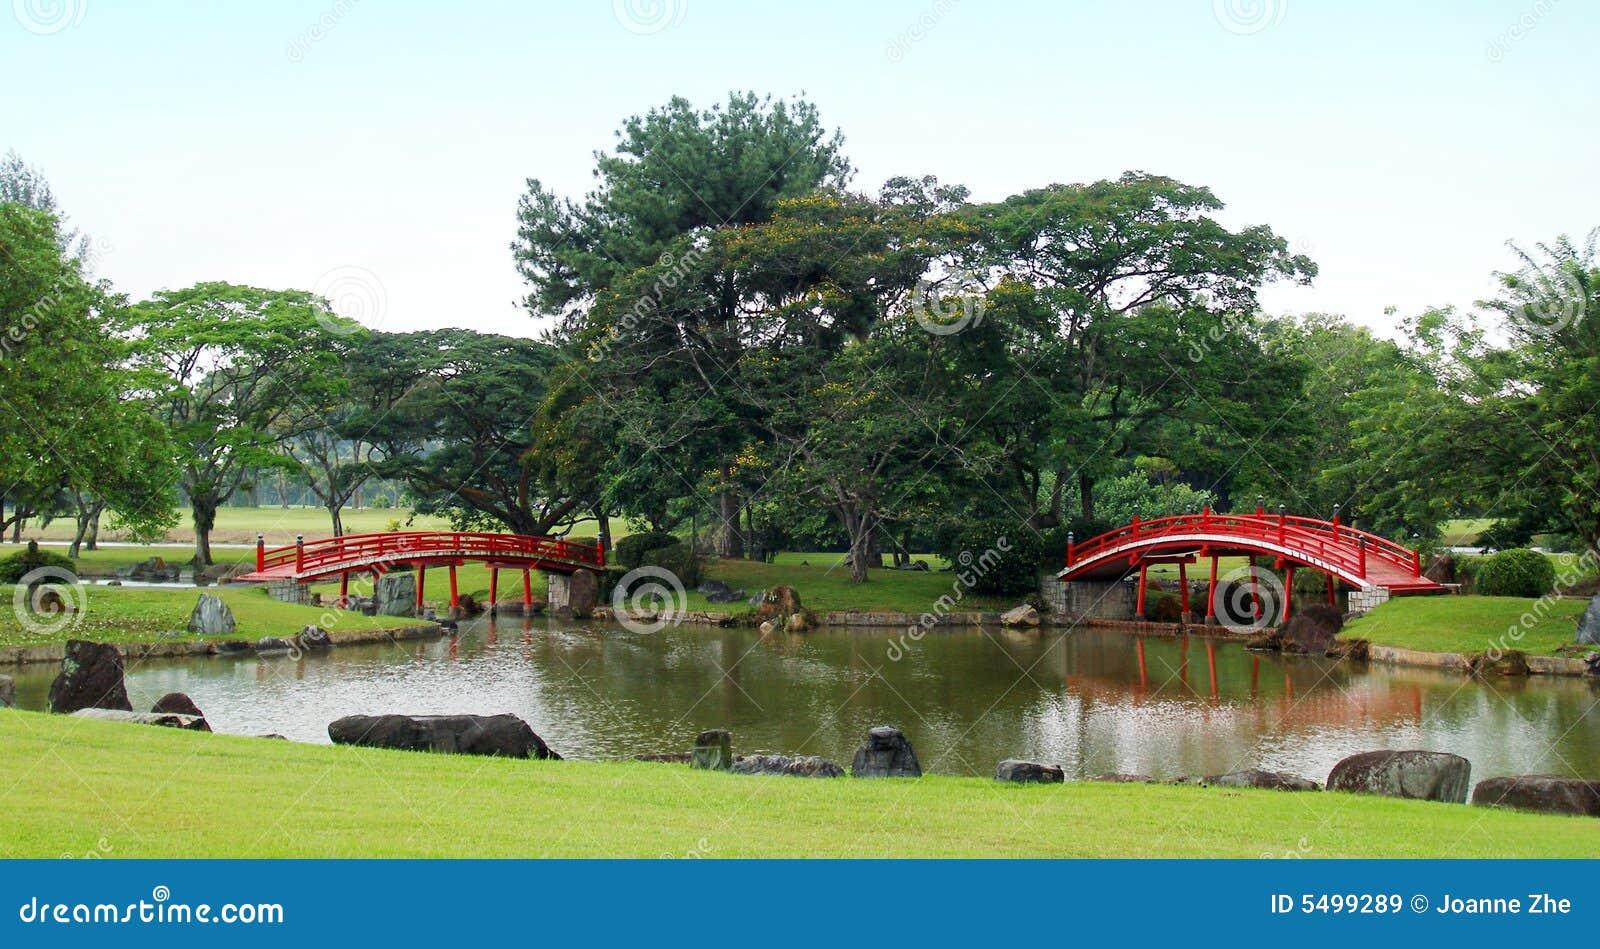 Bridges garden japanese red